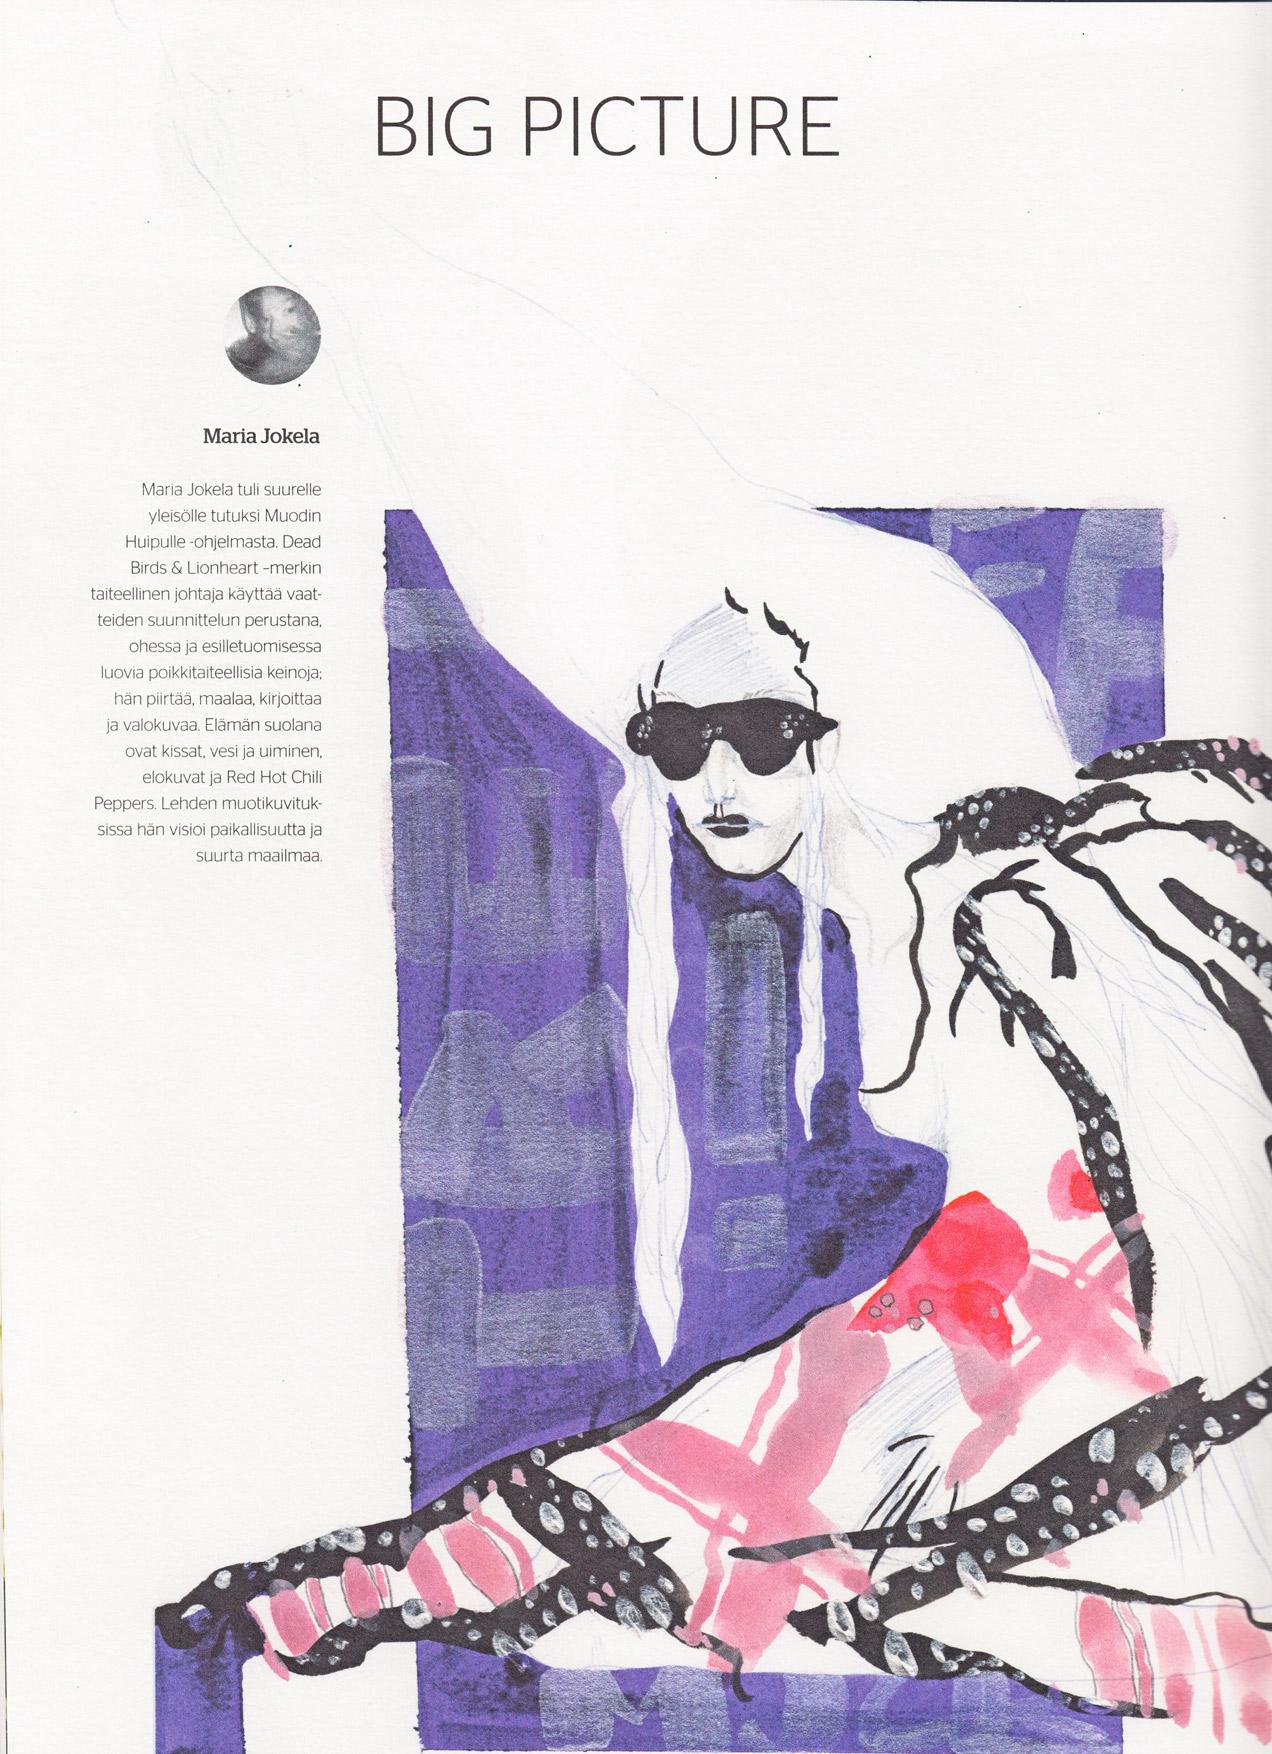 DOT 02 magazine